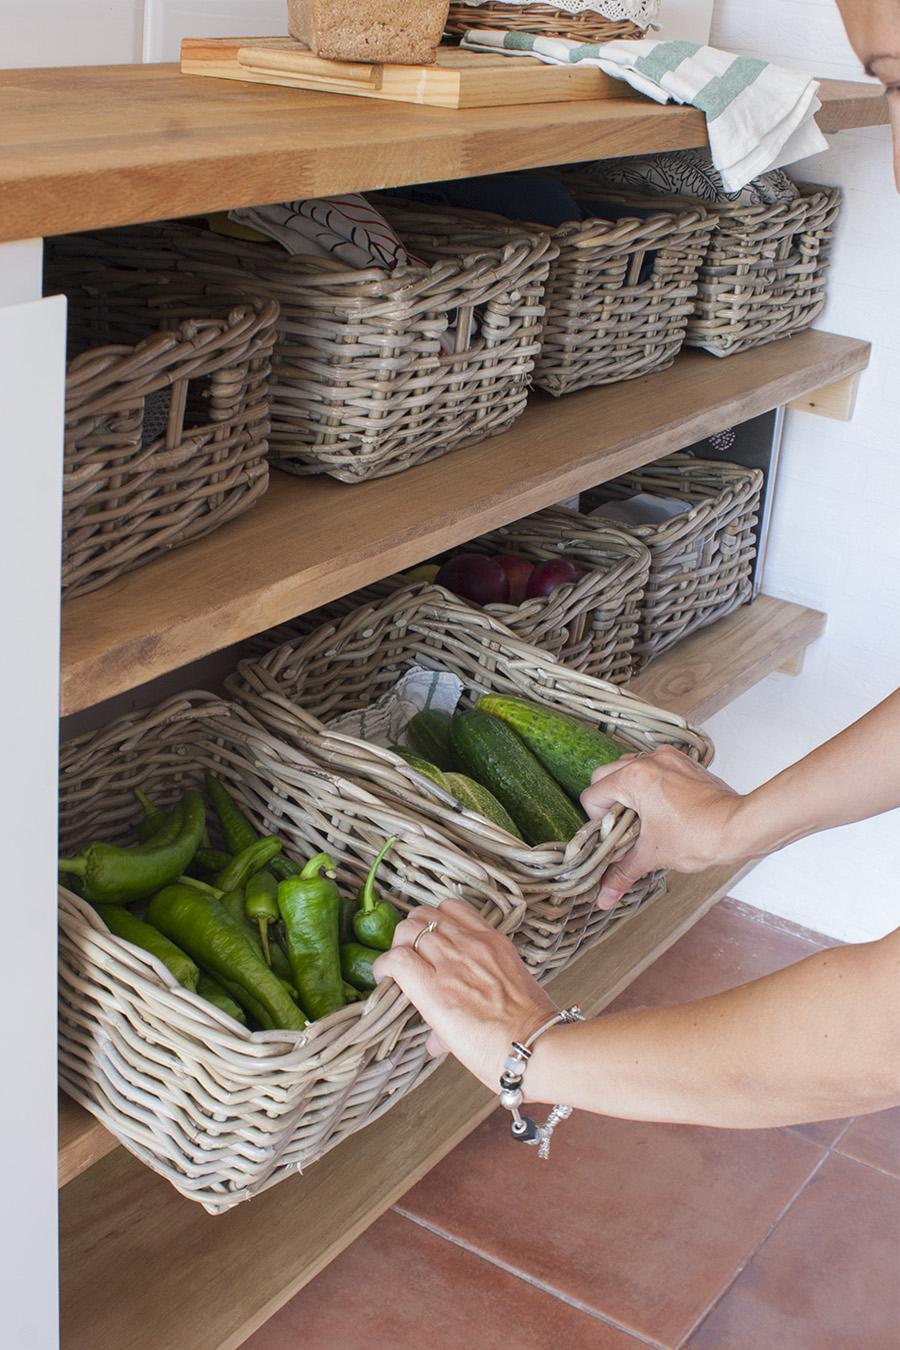 Diy baldas de madera con cestas de mimbre para nuestra cocina decorar en familia def deco - Baldas de madera ...